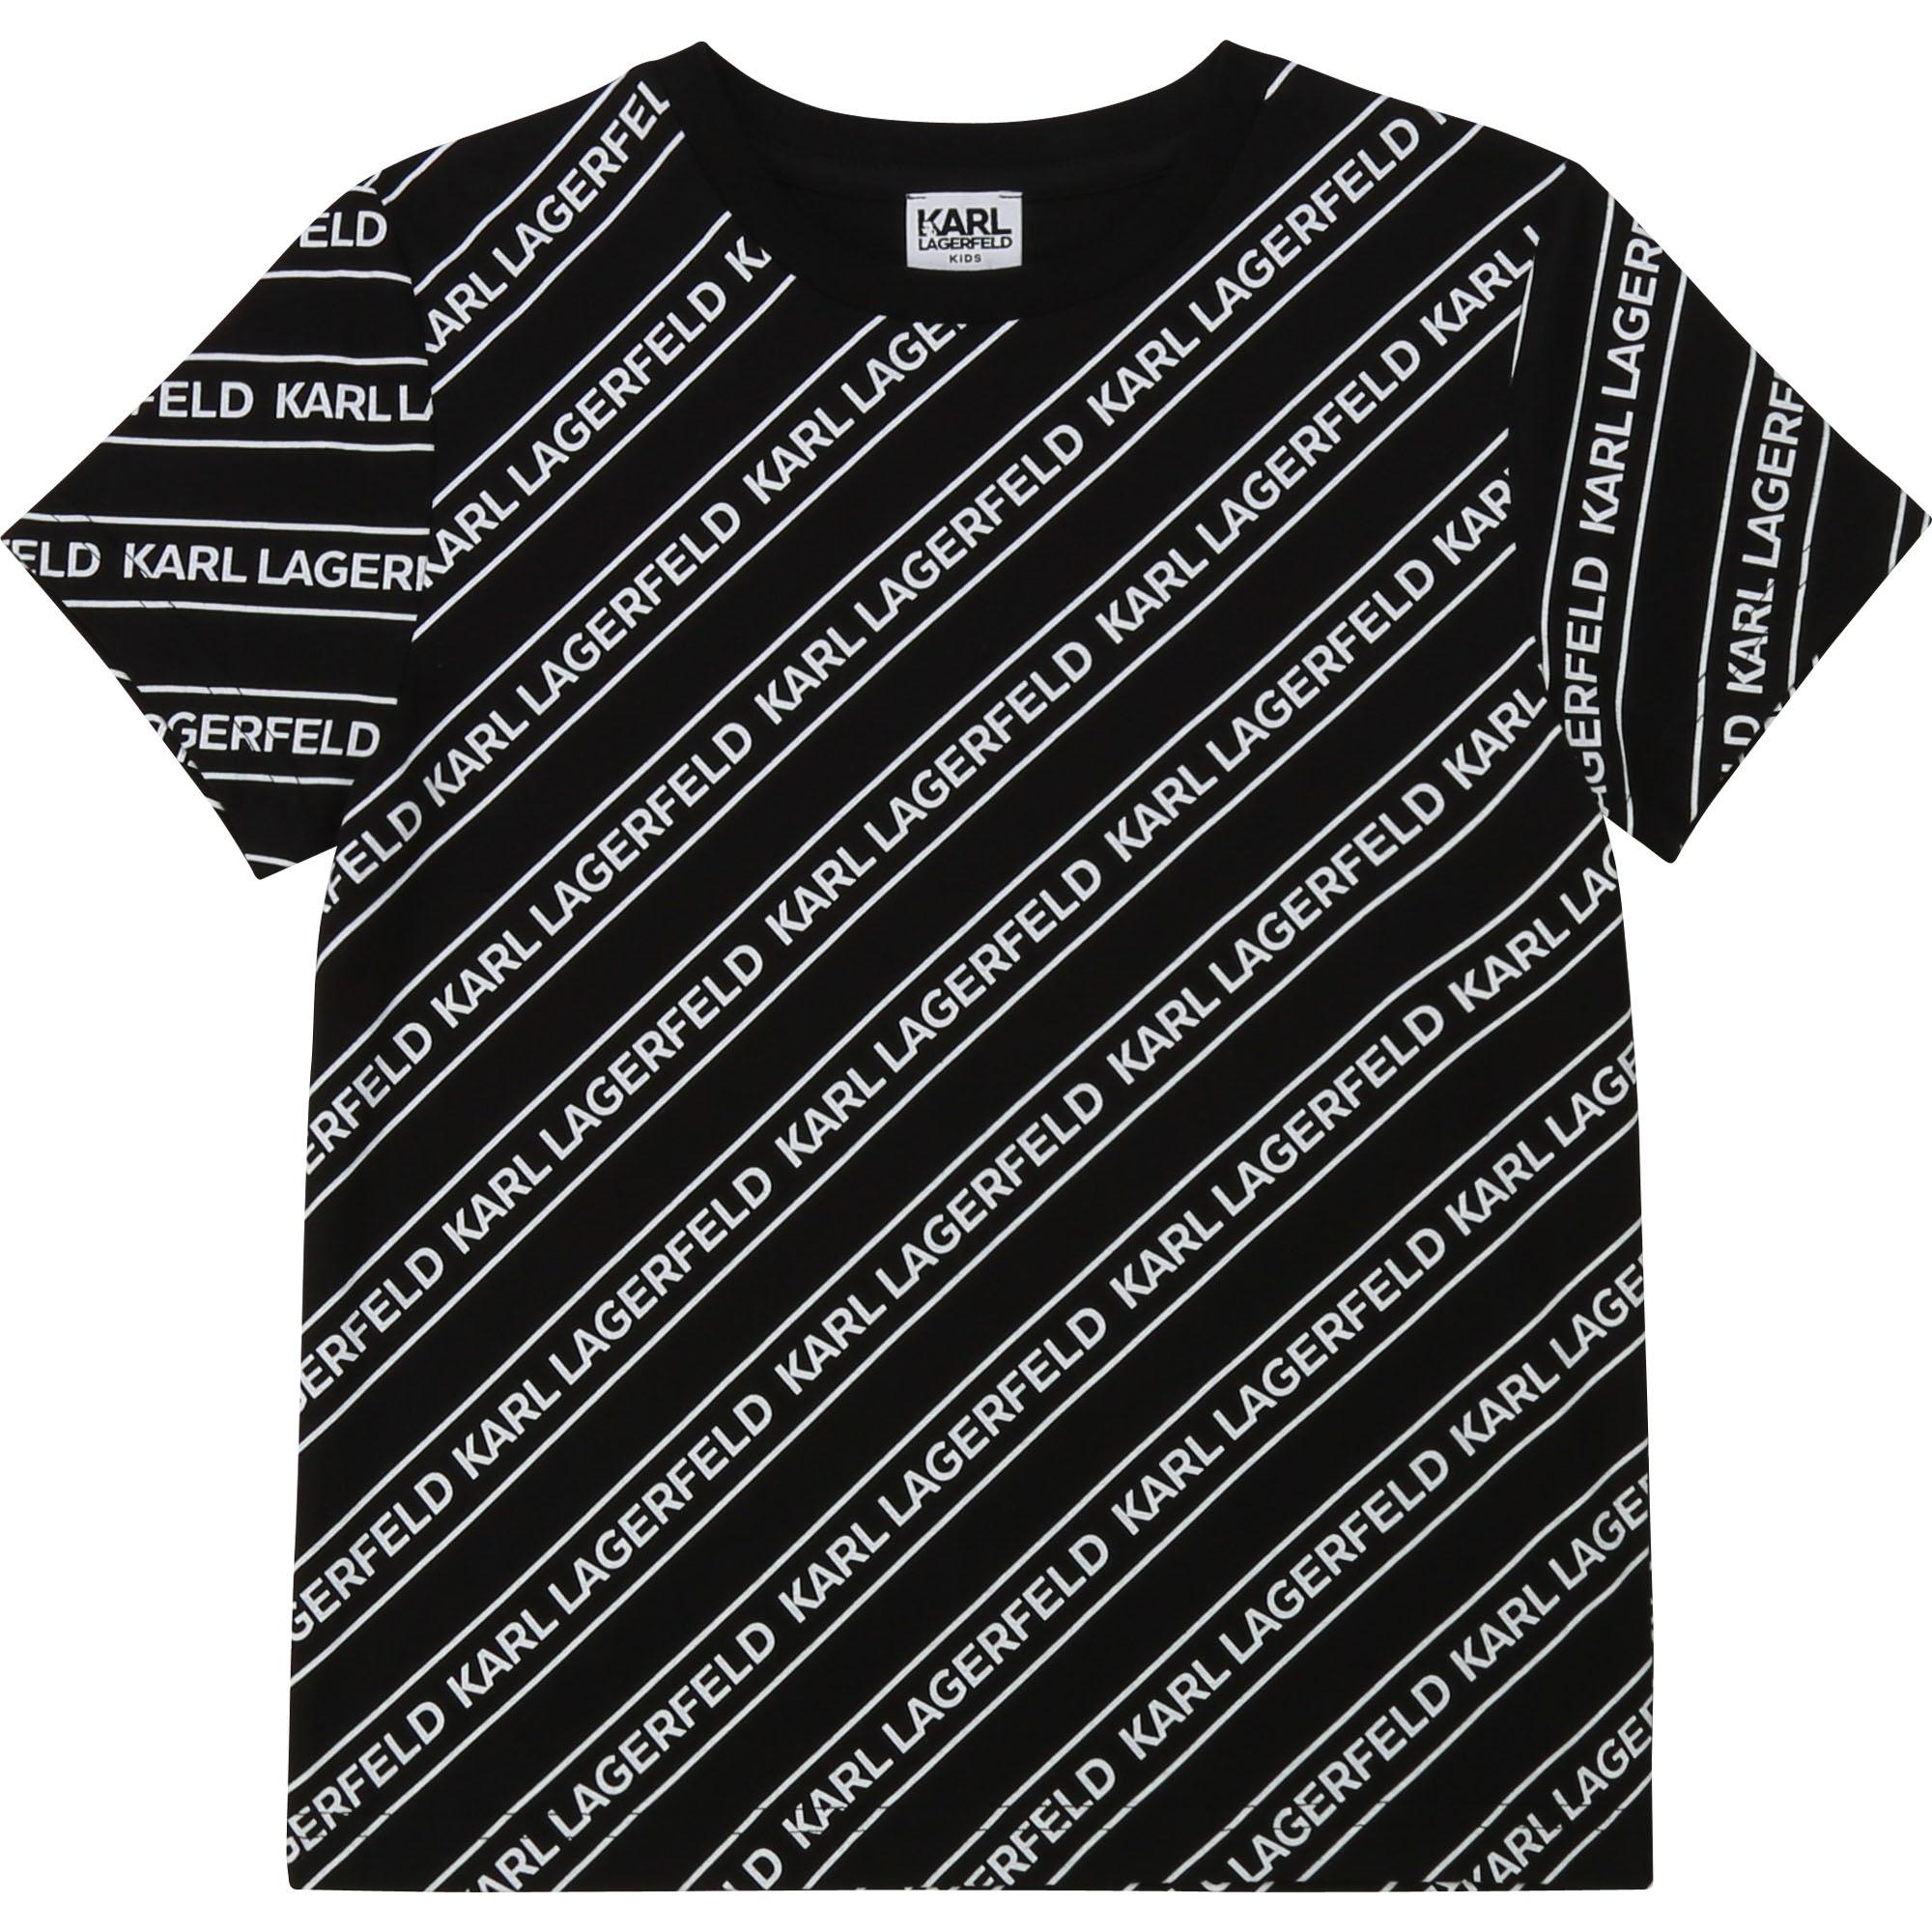 KARL LAGERFELD t-shirt jersey coton imprimé-1